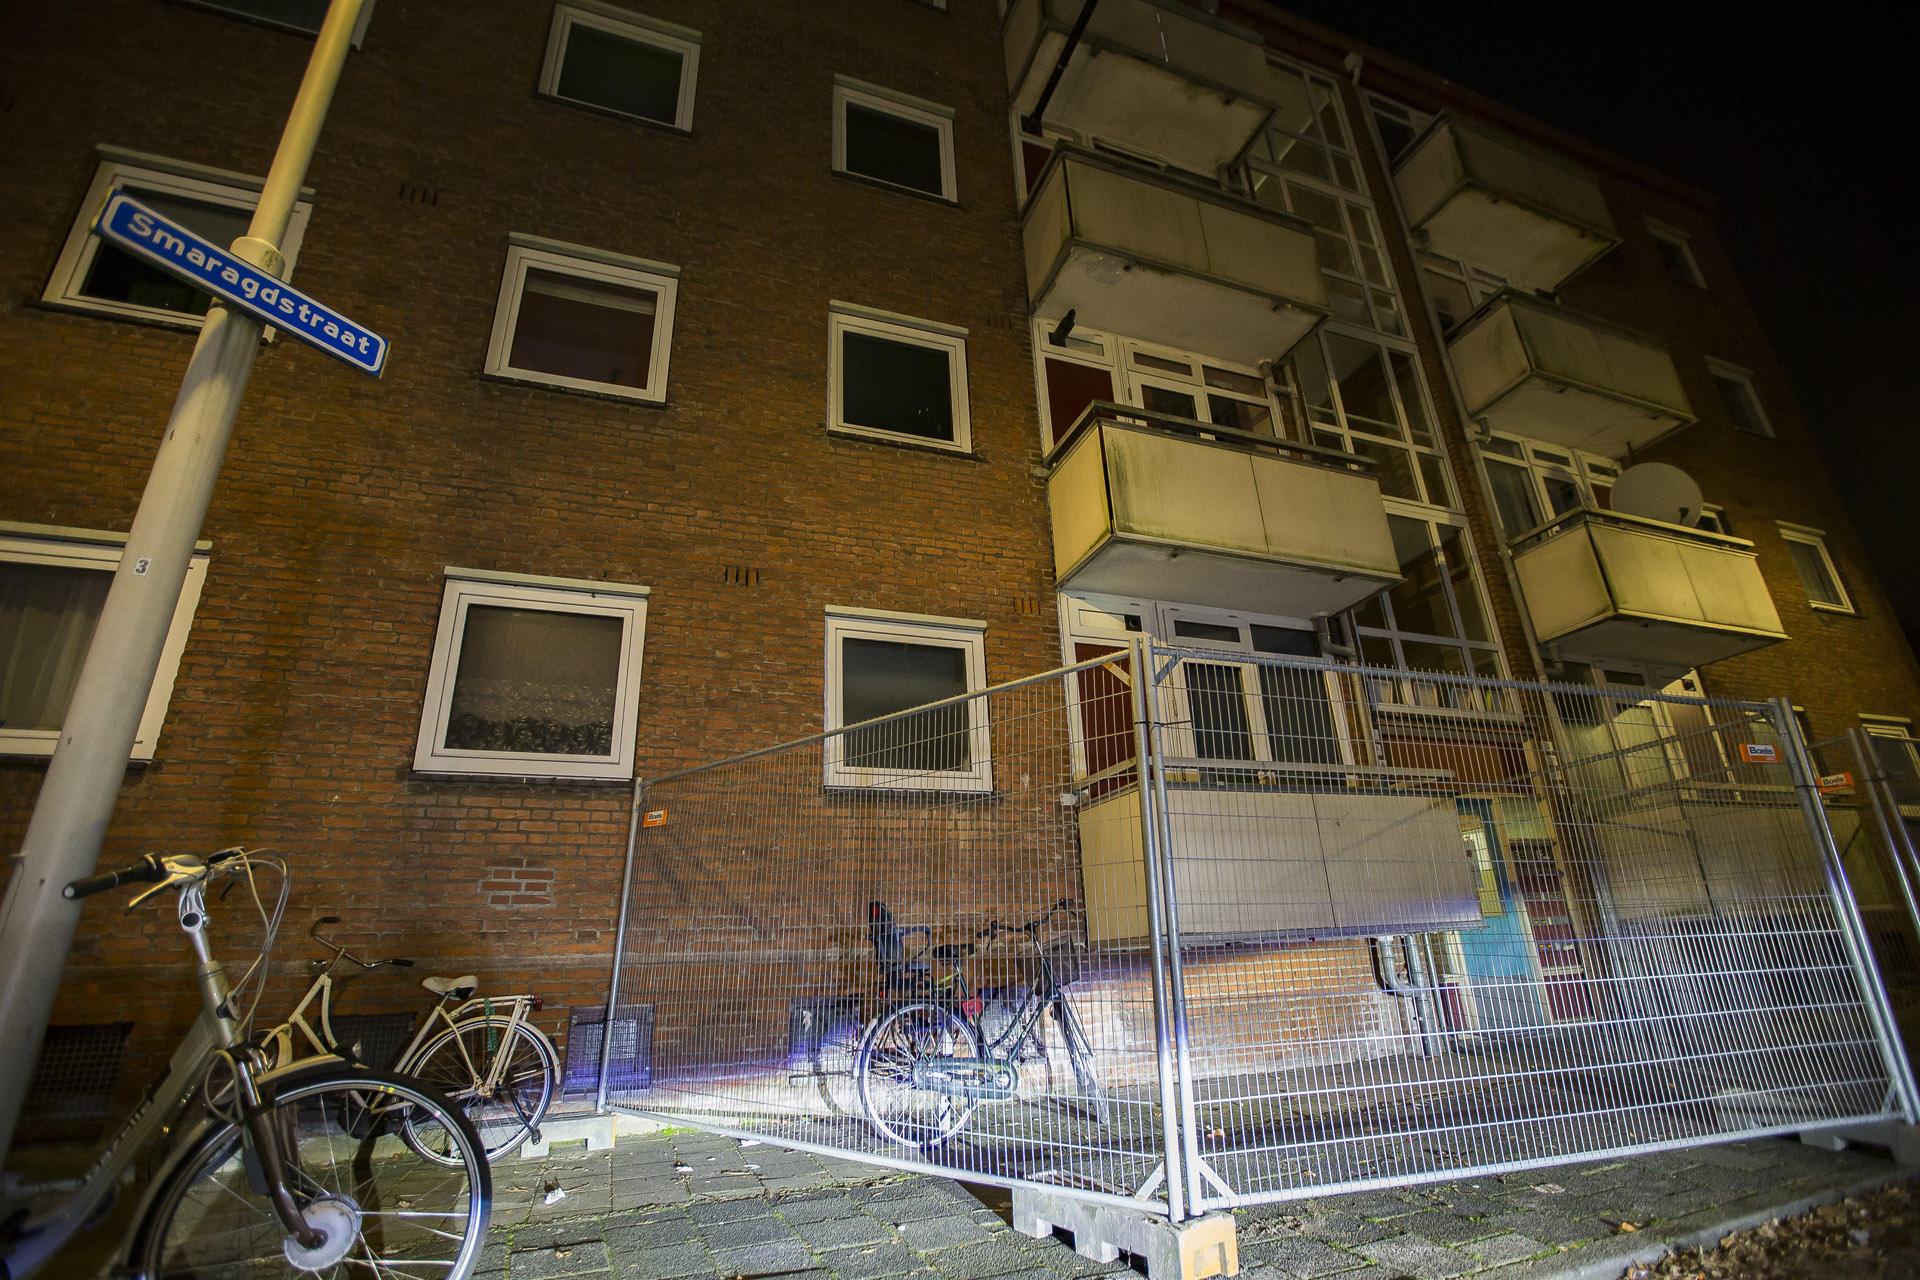 Balkons aan de Smaragdstraat in Breda zijn afgezet.